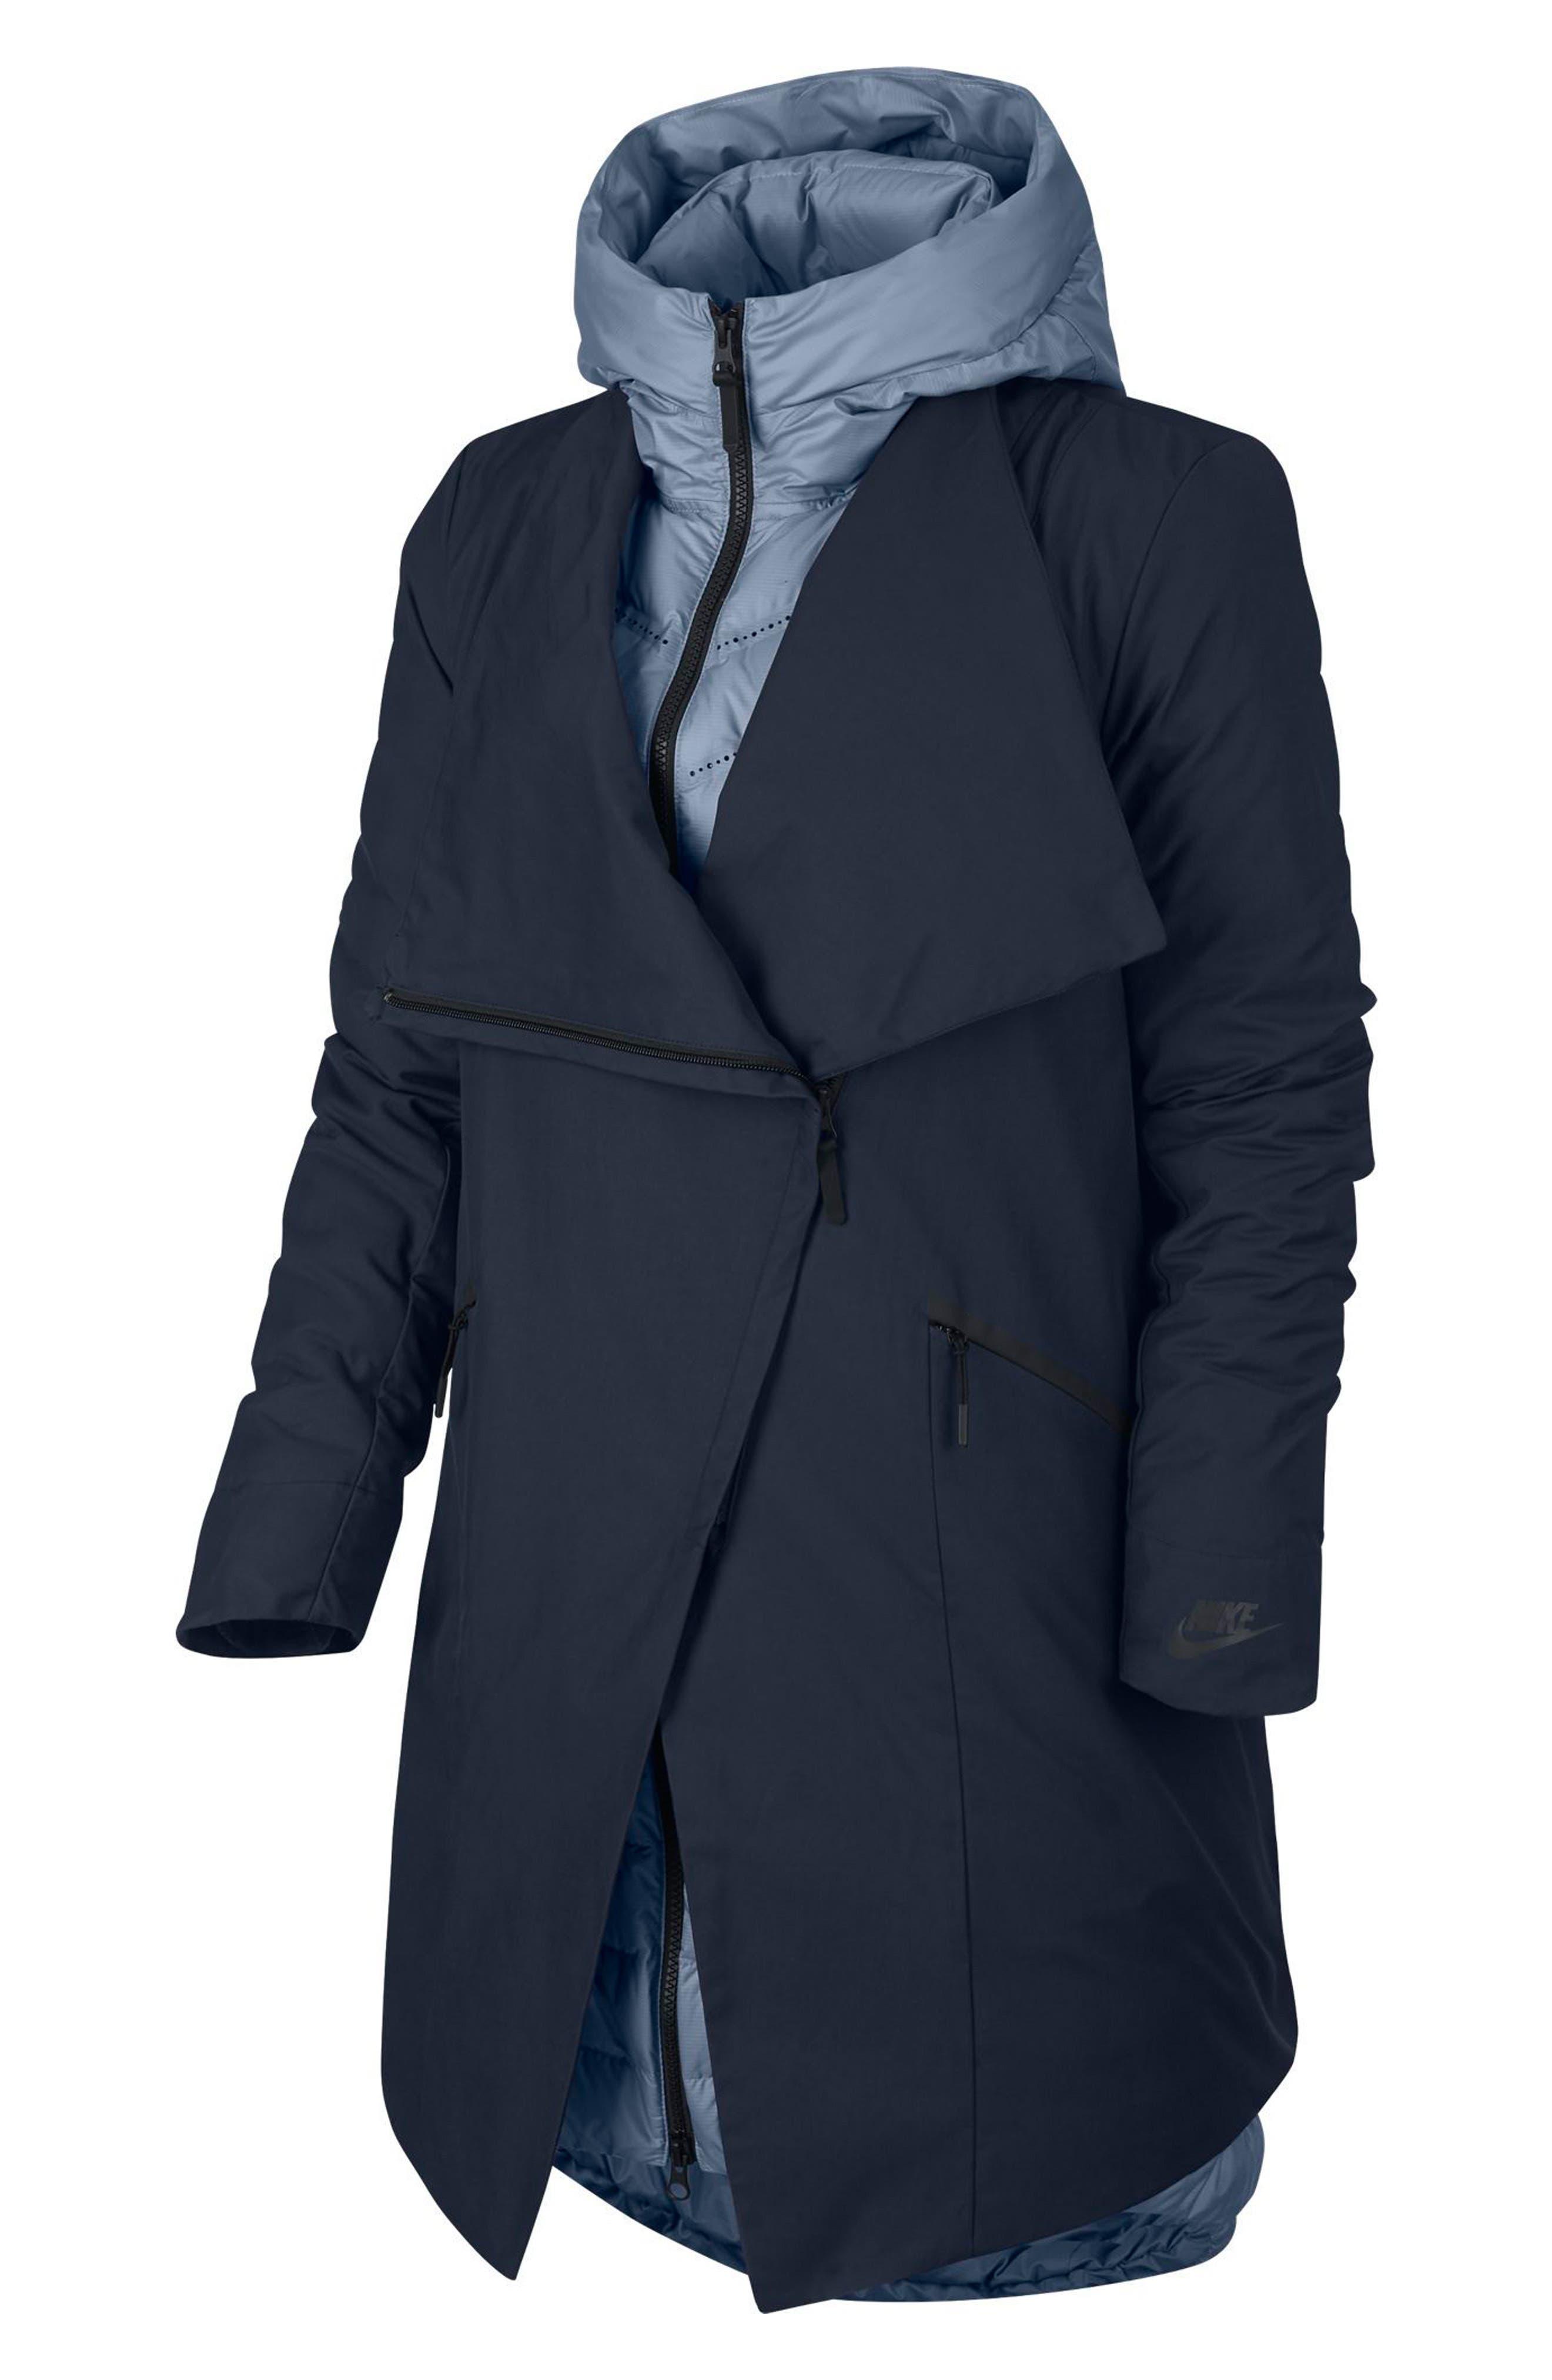 Sportswear Women's AeroLoft 3-in-1 Down Fill Parka,                             Main thumbnail 1, color,                             OBSIDIAN/ GLACIER GREY/ BLACK